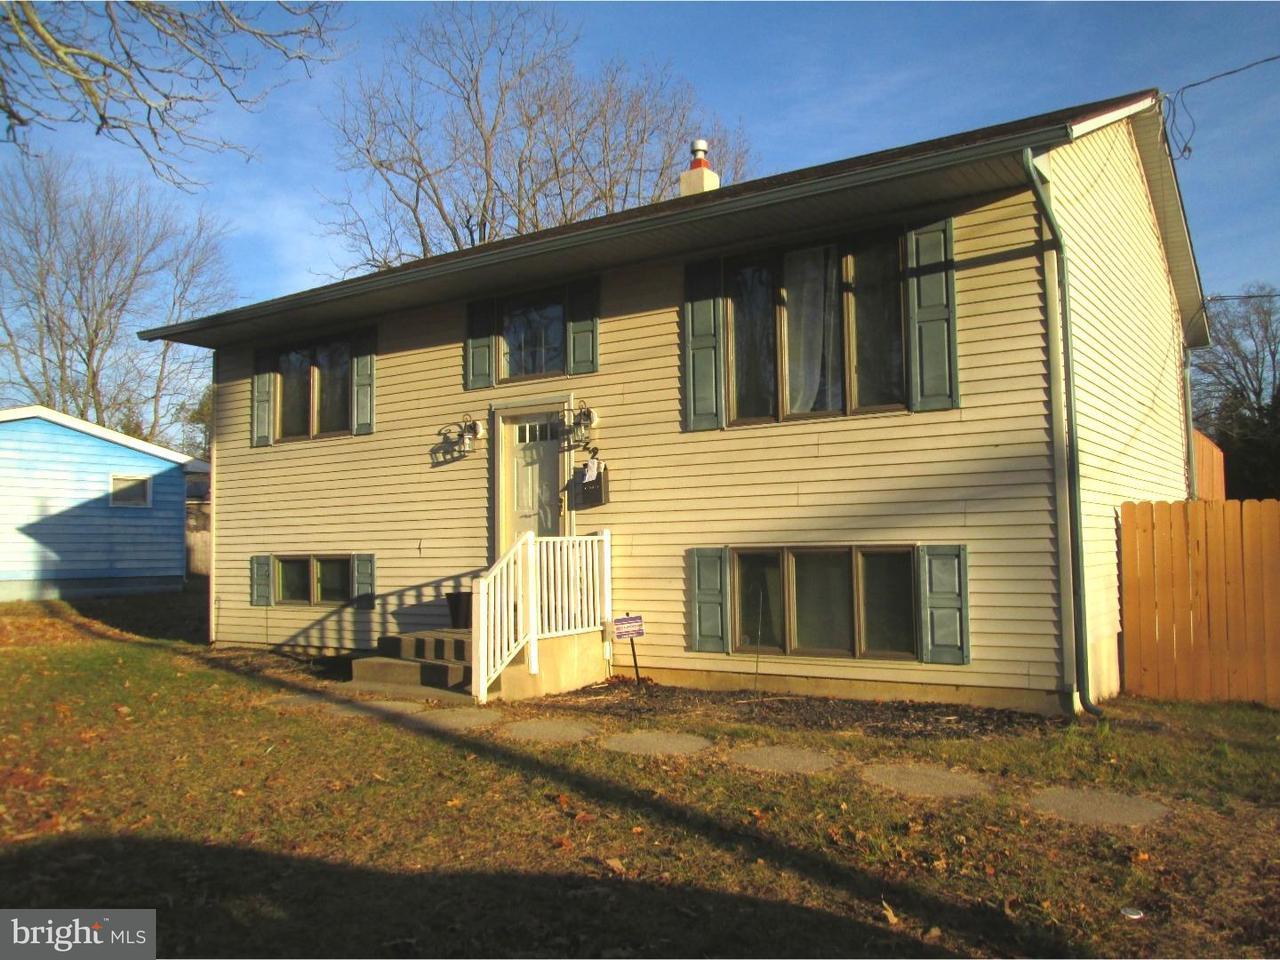 Частный односемейный дом для того Аренда на 22 REED Avenue Clementon, Нью-Джерси 08021 Соединенные Штаты